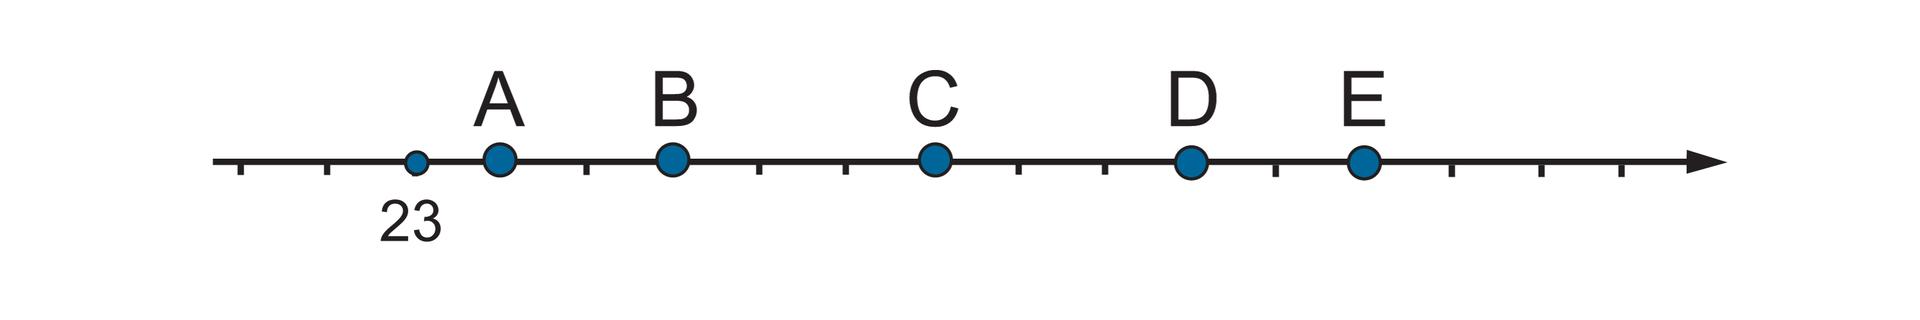 """""""Rysunek osi liczbowej zzaznaczonymi punktami A, B, C, D, Eoraz punktem 23. Między 23 apunktem Ezaznaczono jedenaście równych części. Szukane punkty: punkt Awyznacza pierwszą część za punktem 23"""